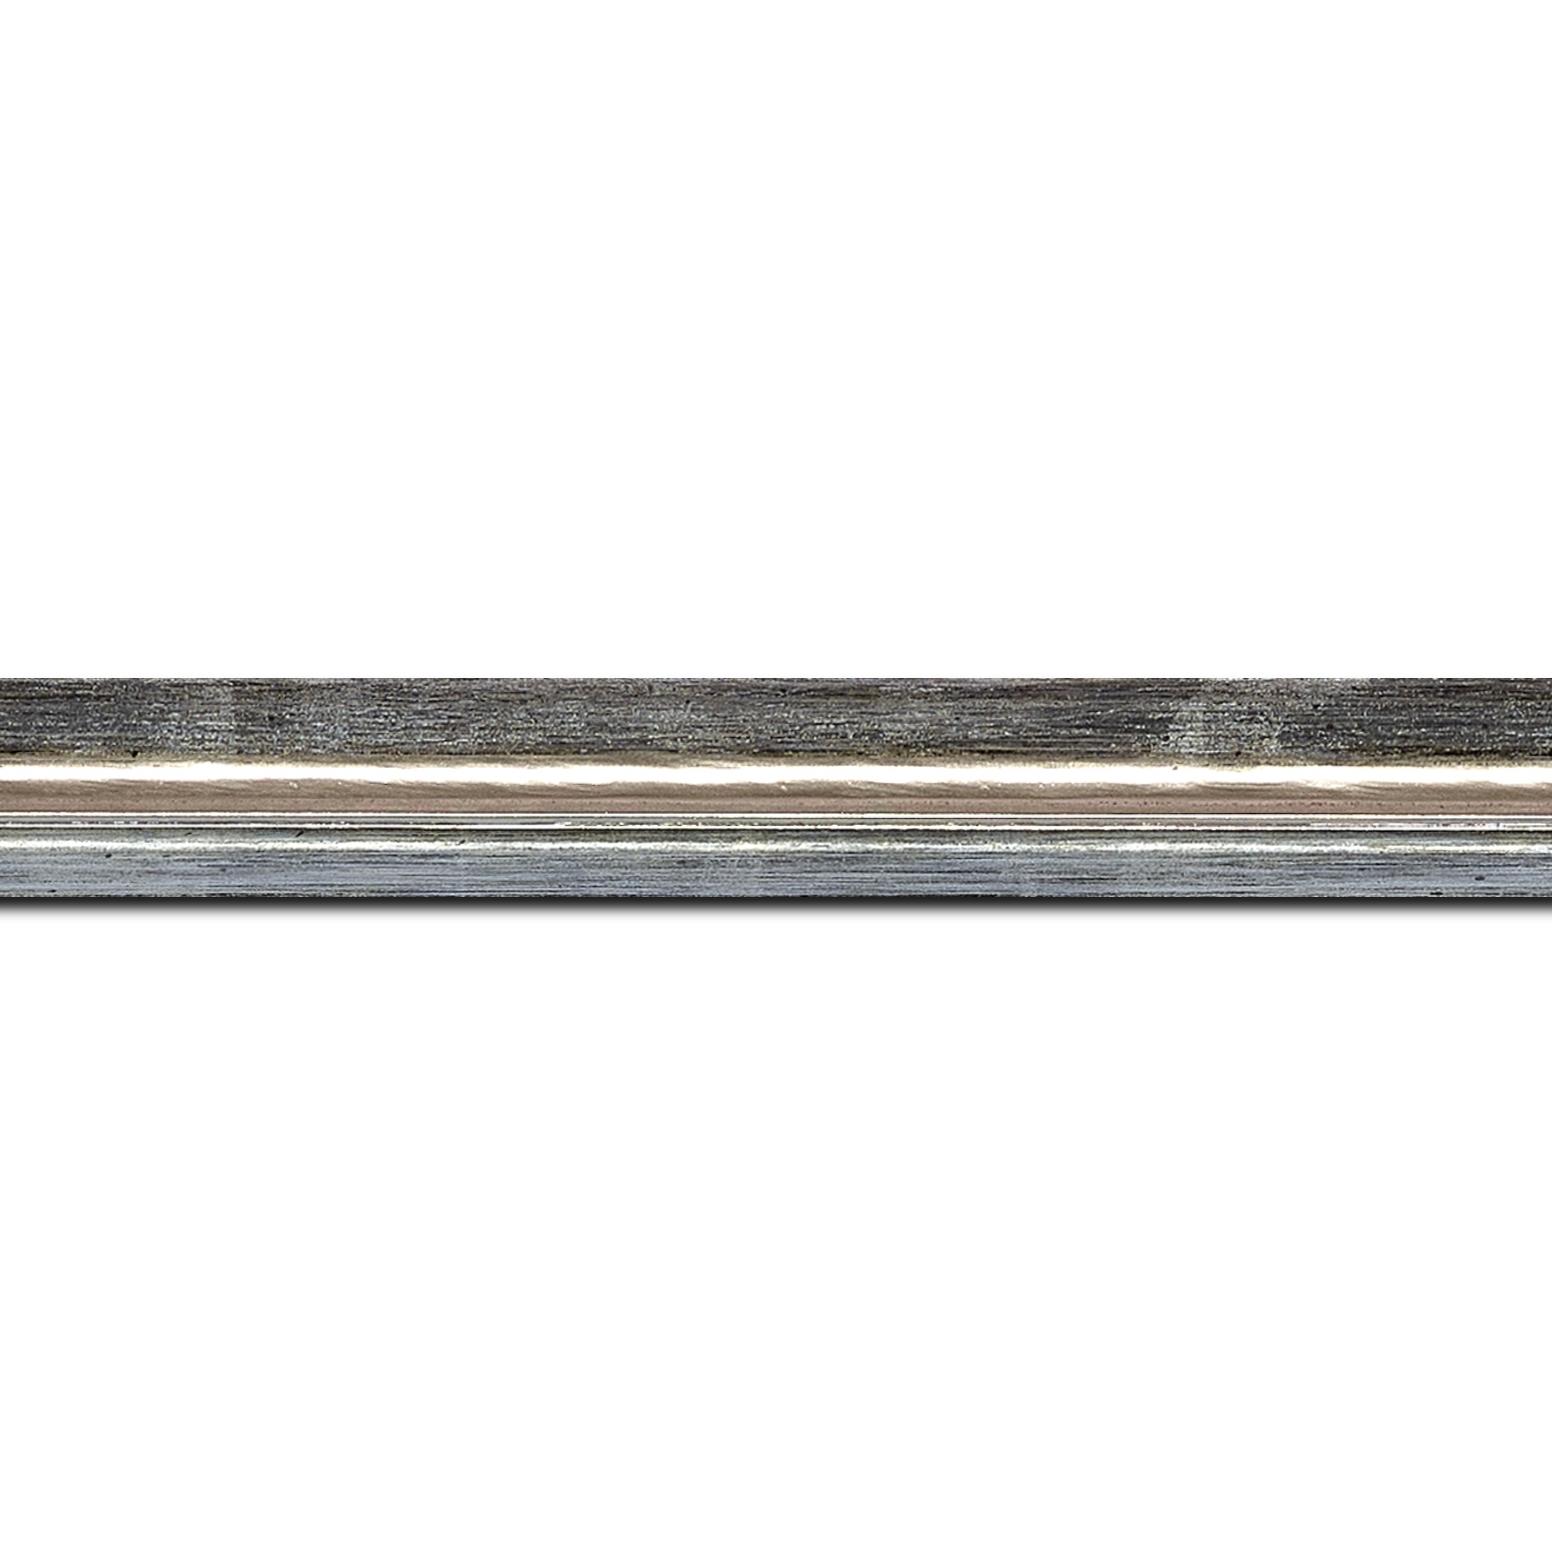 Baguette longueur 1.40m bois profil incurvé largeur 2cm couleur argent coté extérieur foncé. finition haut de gamme car dorure à l'eau fait main